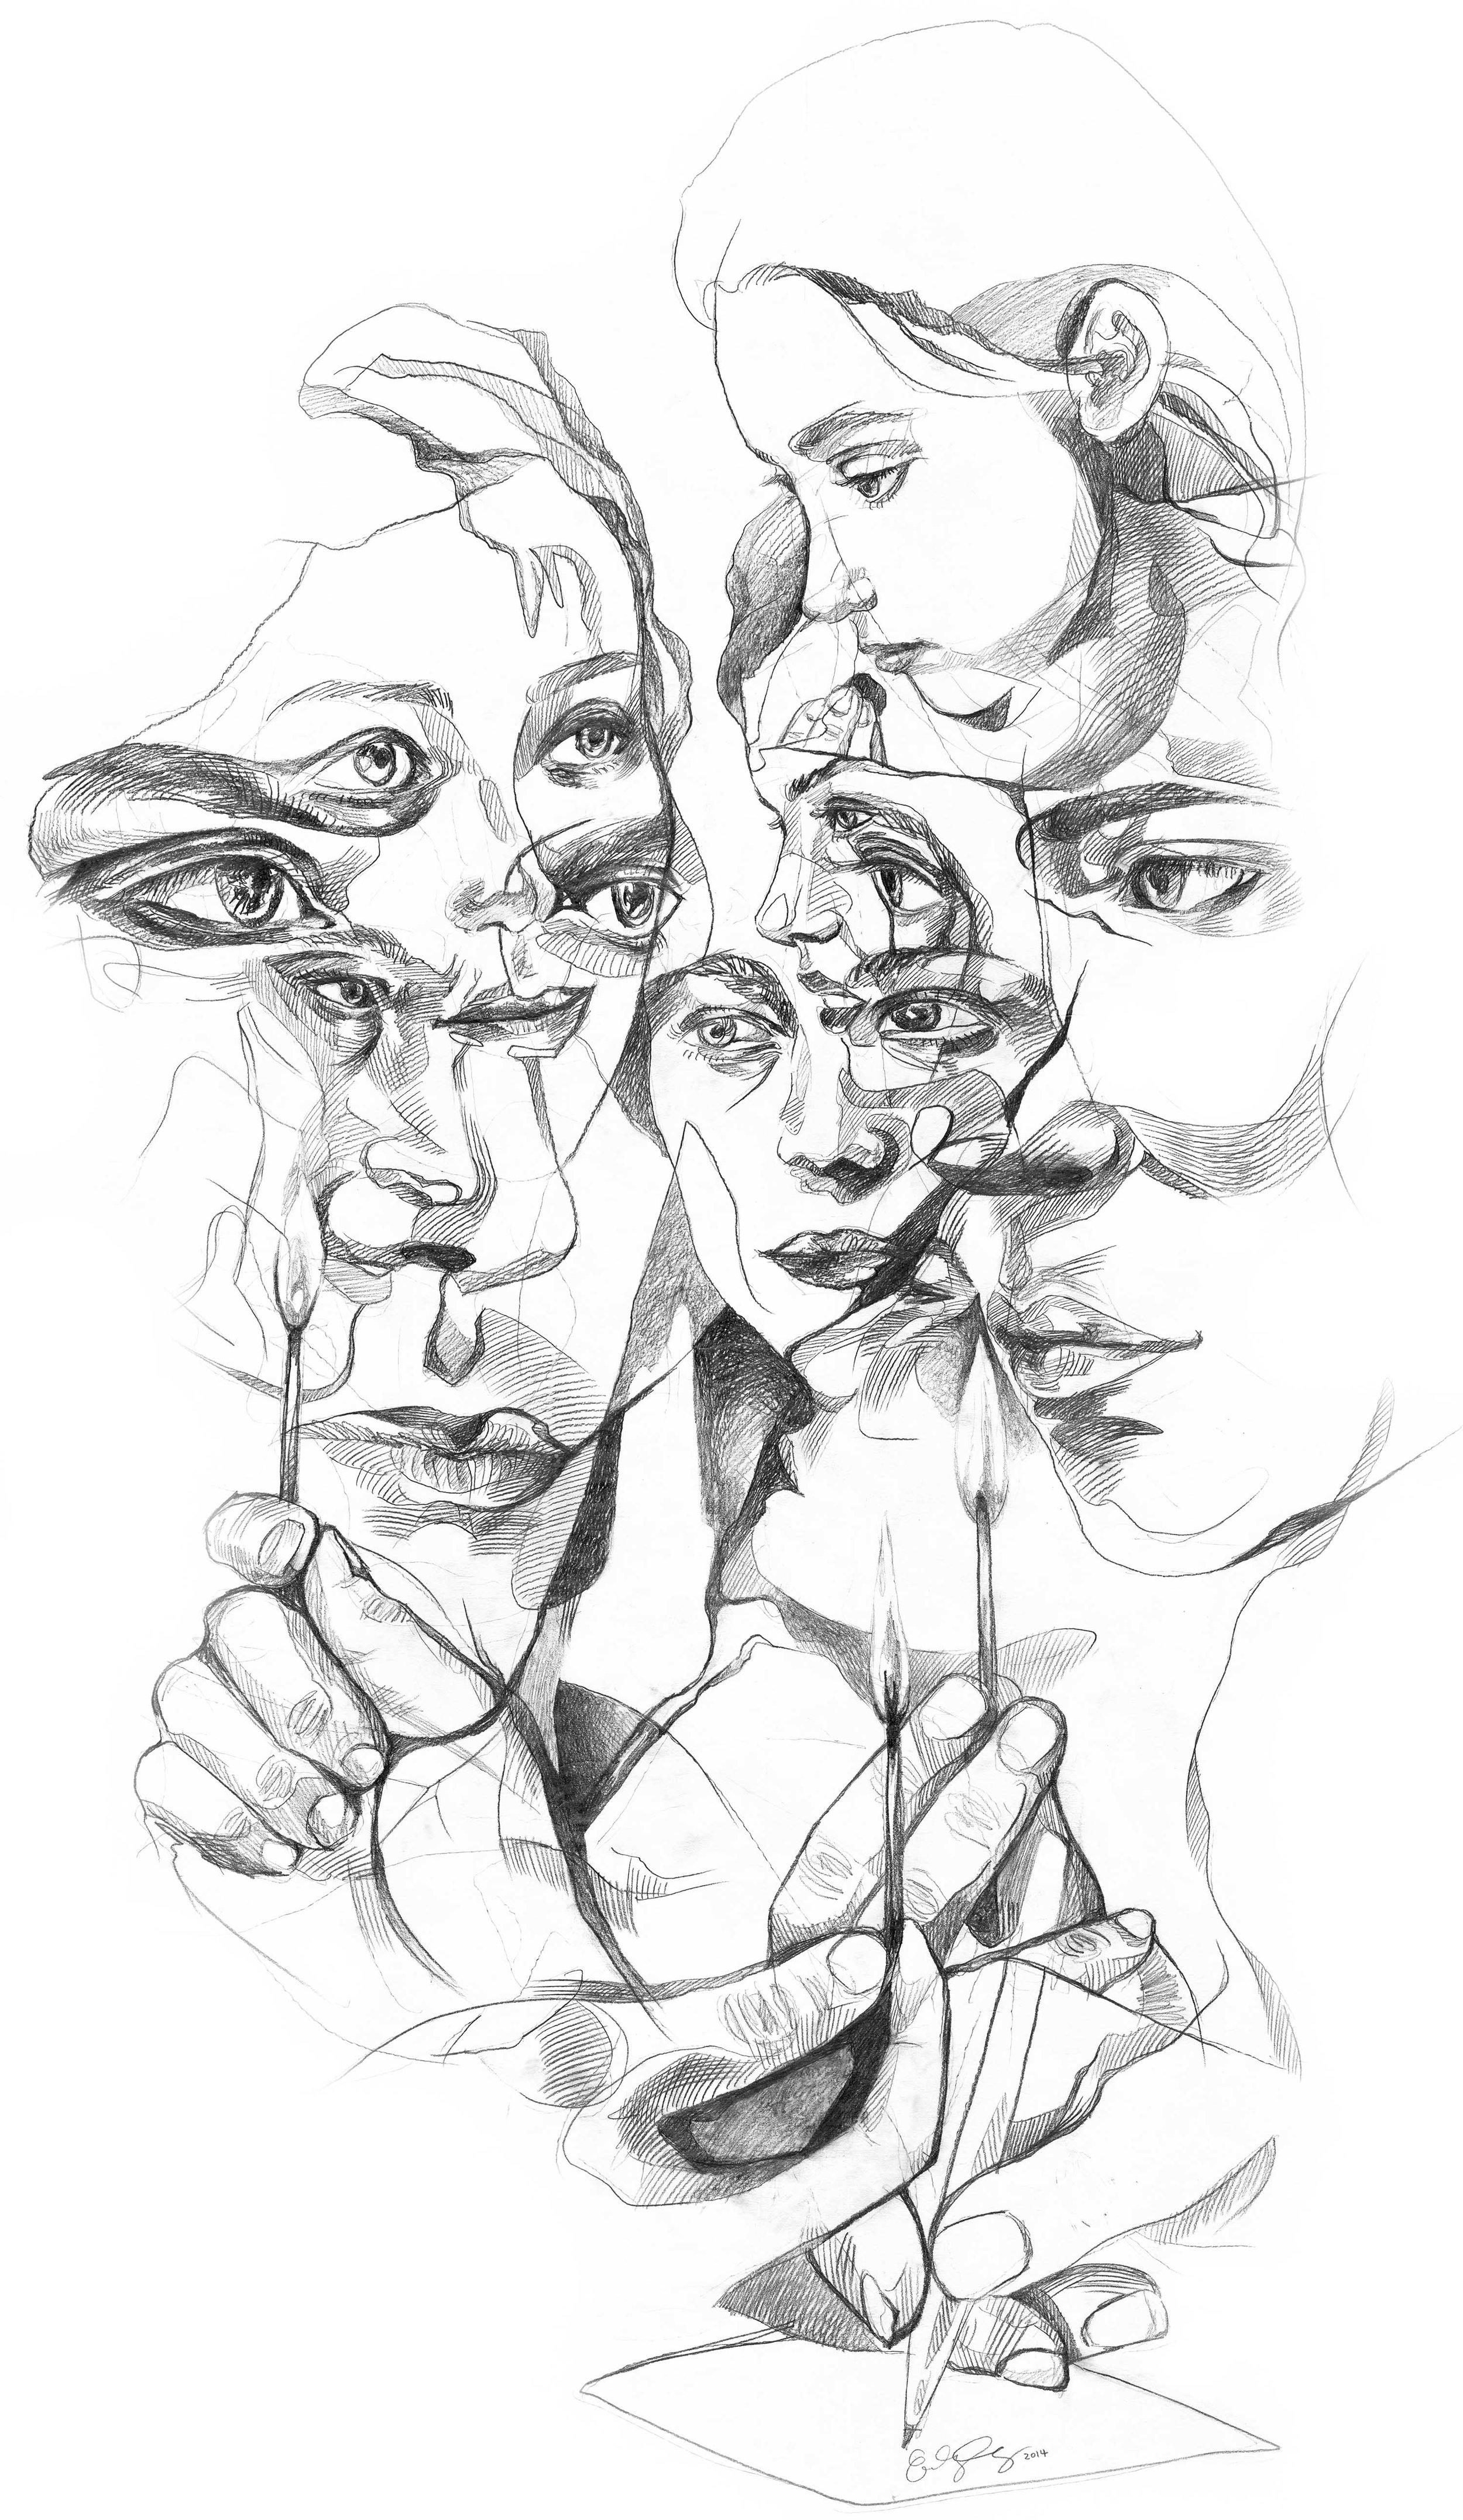 graphite-scanned-art-02-4-imageoptim.jpg